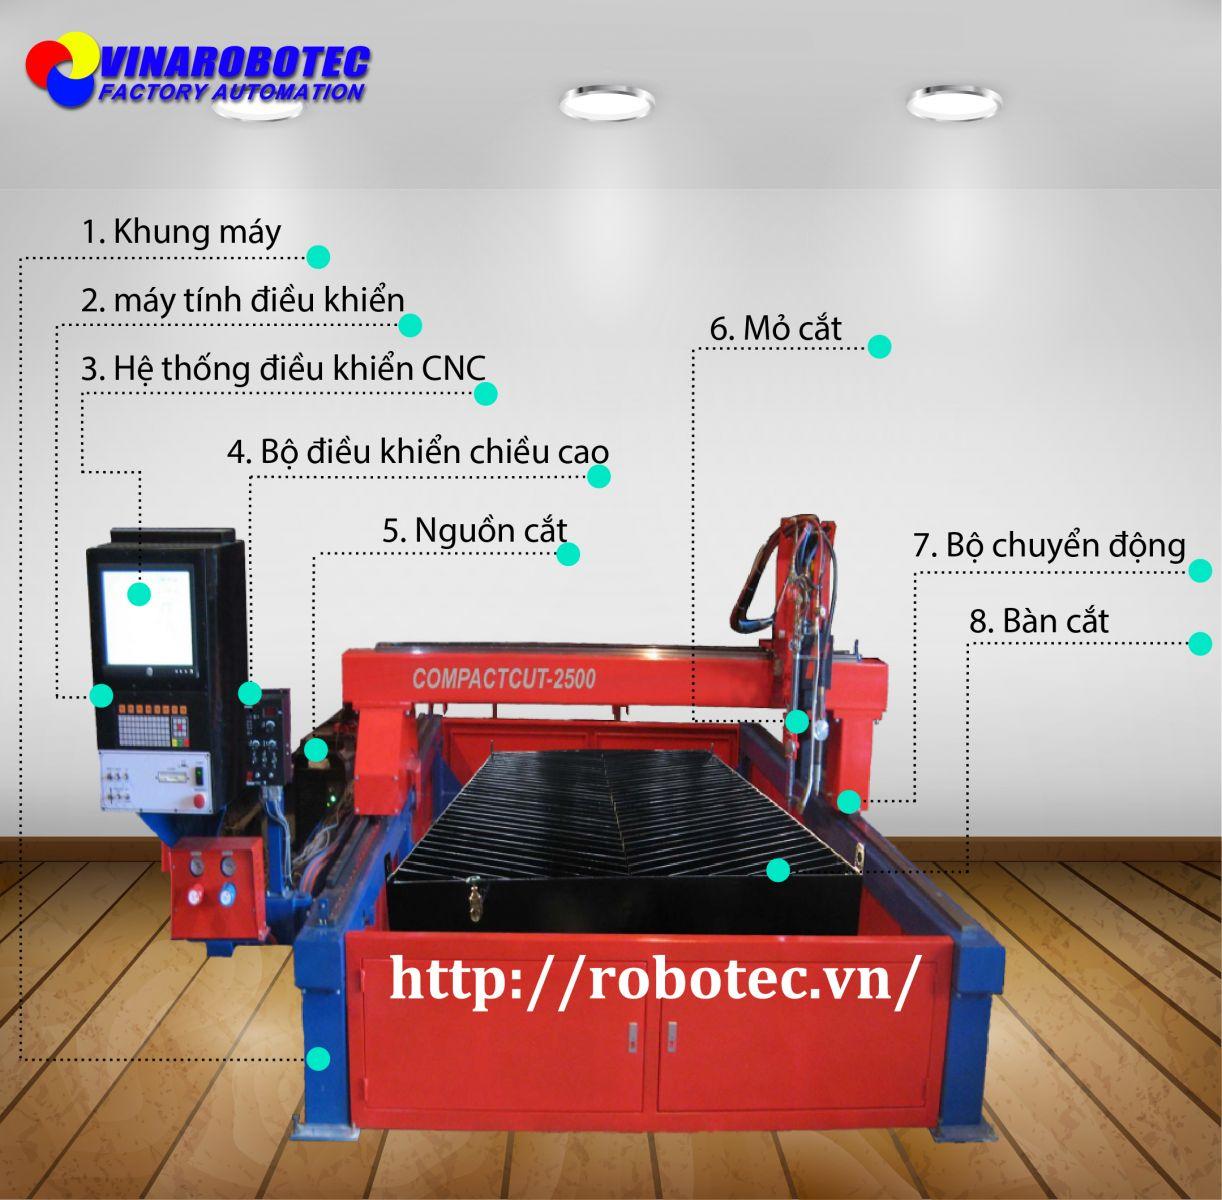 Cấu tạo máy cắt CNC plasma của hãng ROBOTEC